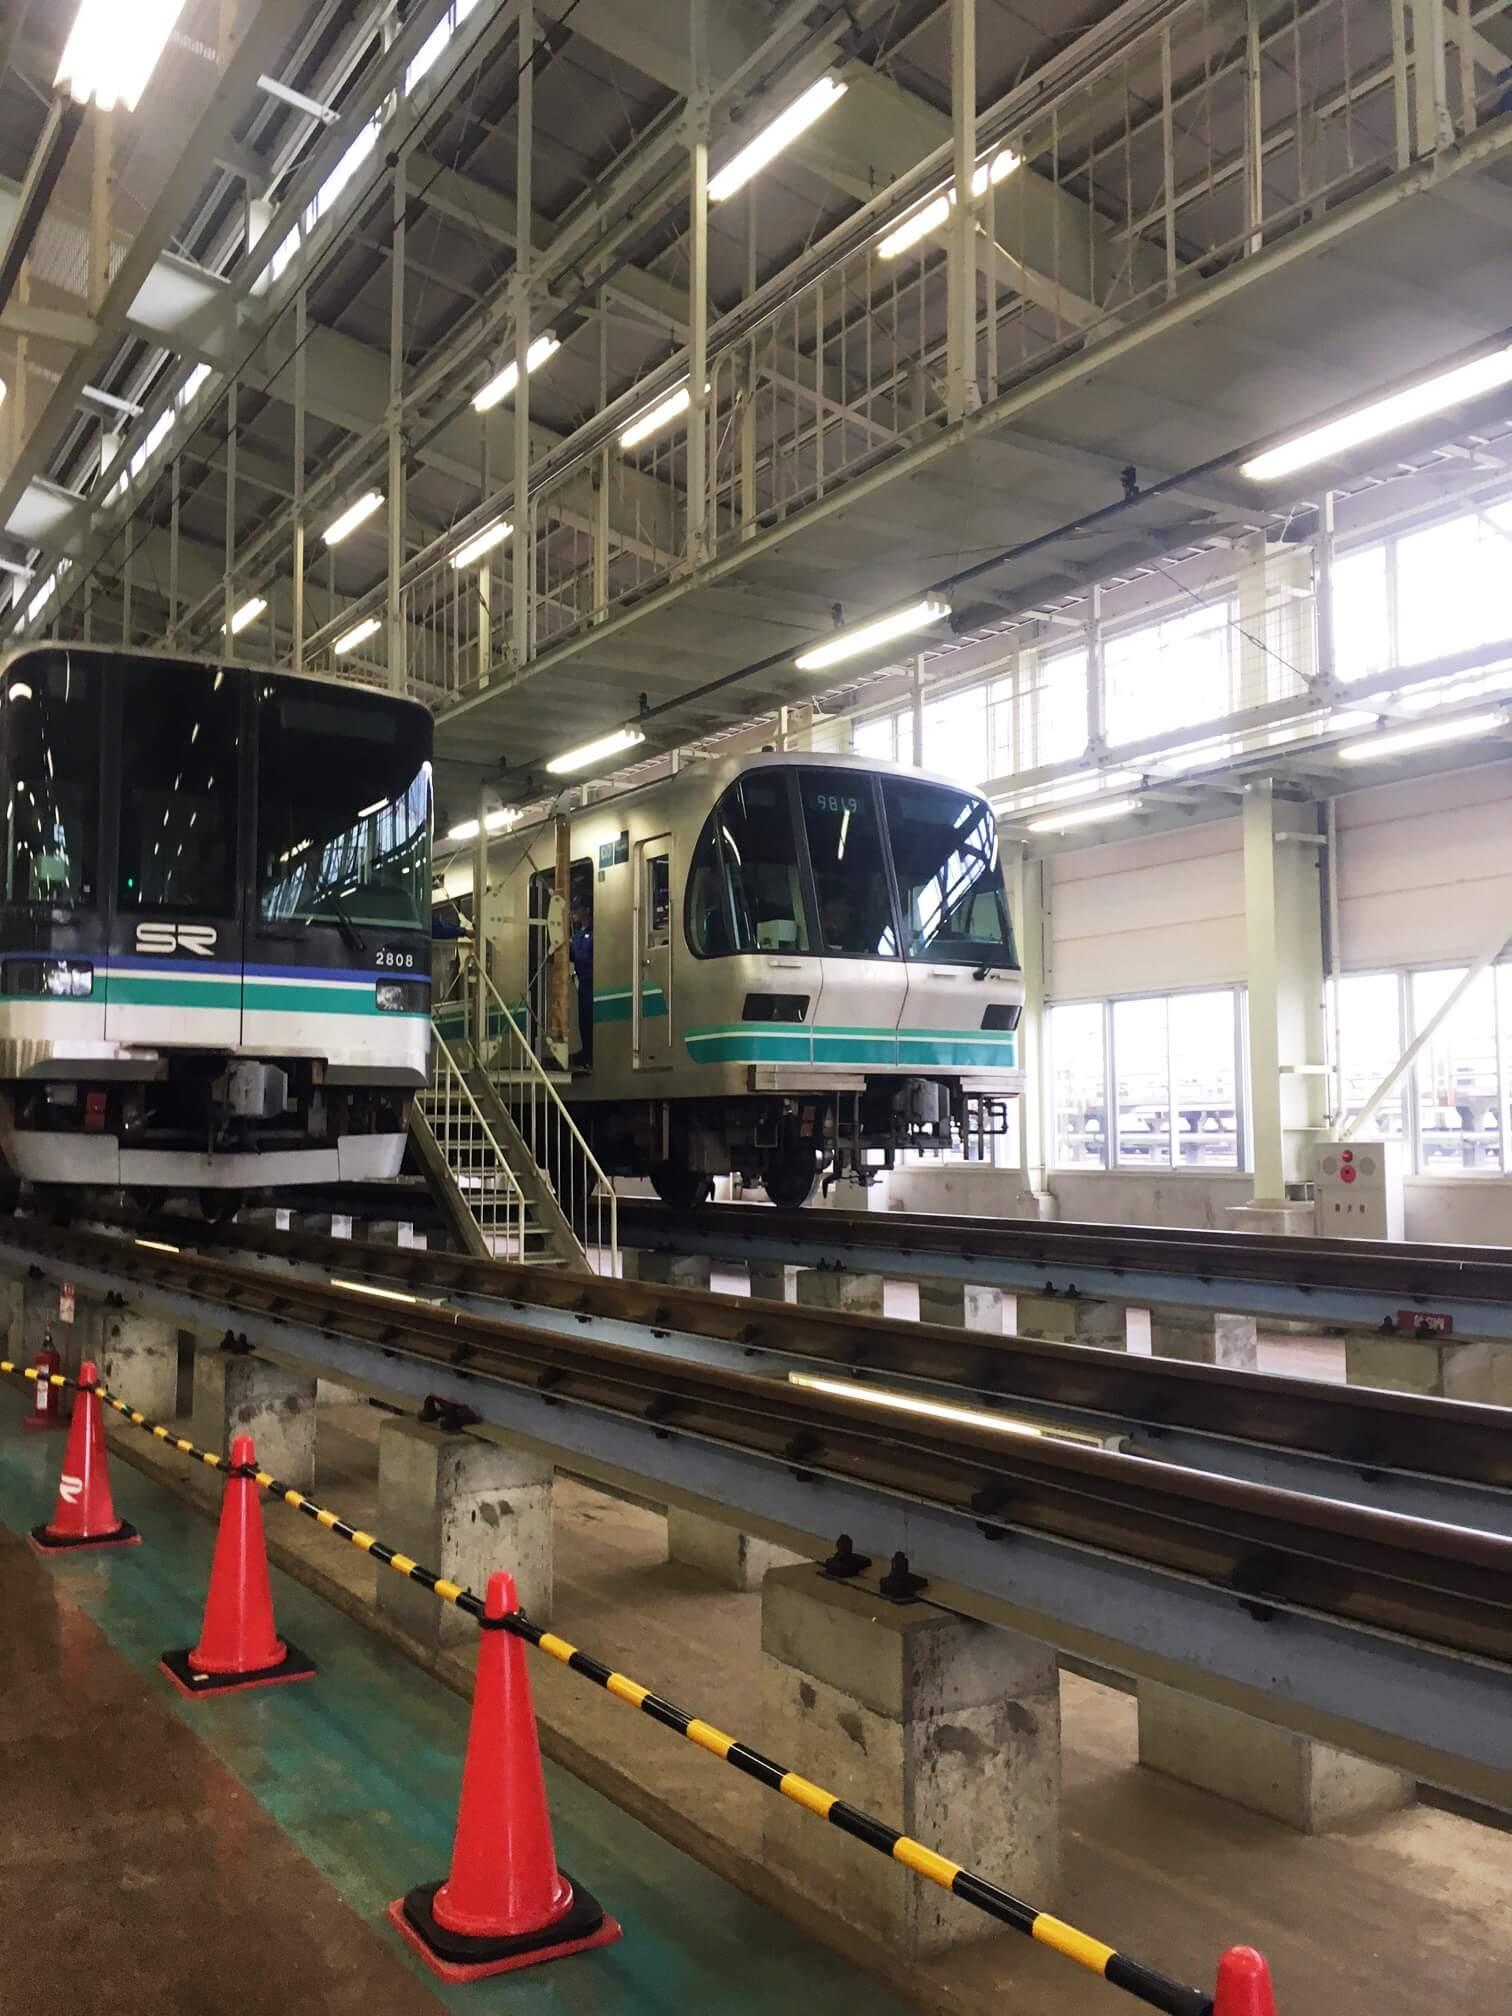 第二回浦和美園まつり&花火大会にいって埼玉高速鉄道車両基地をみてきたよ!